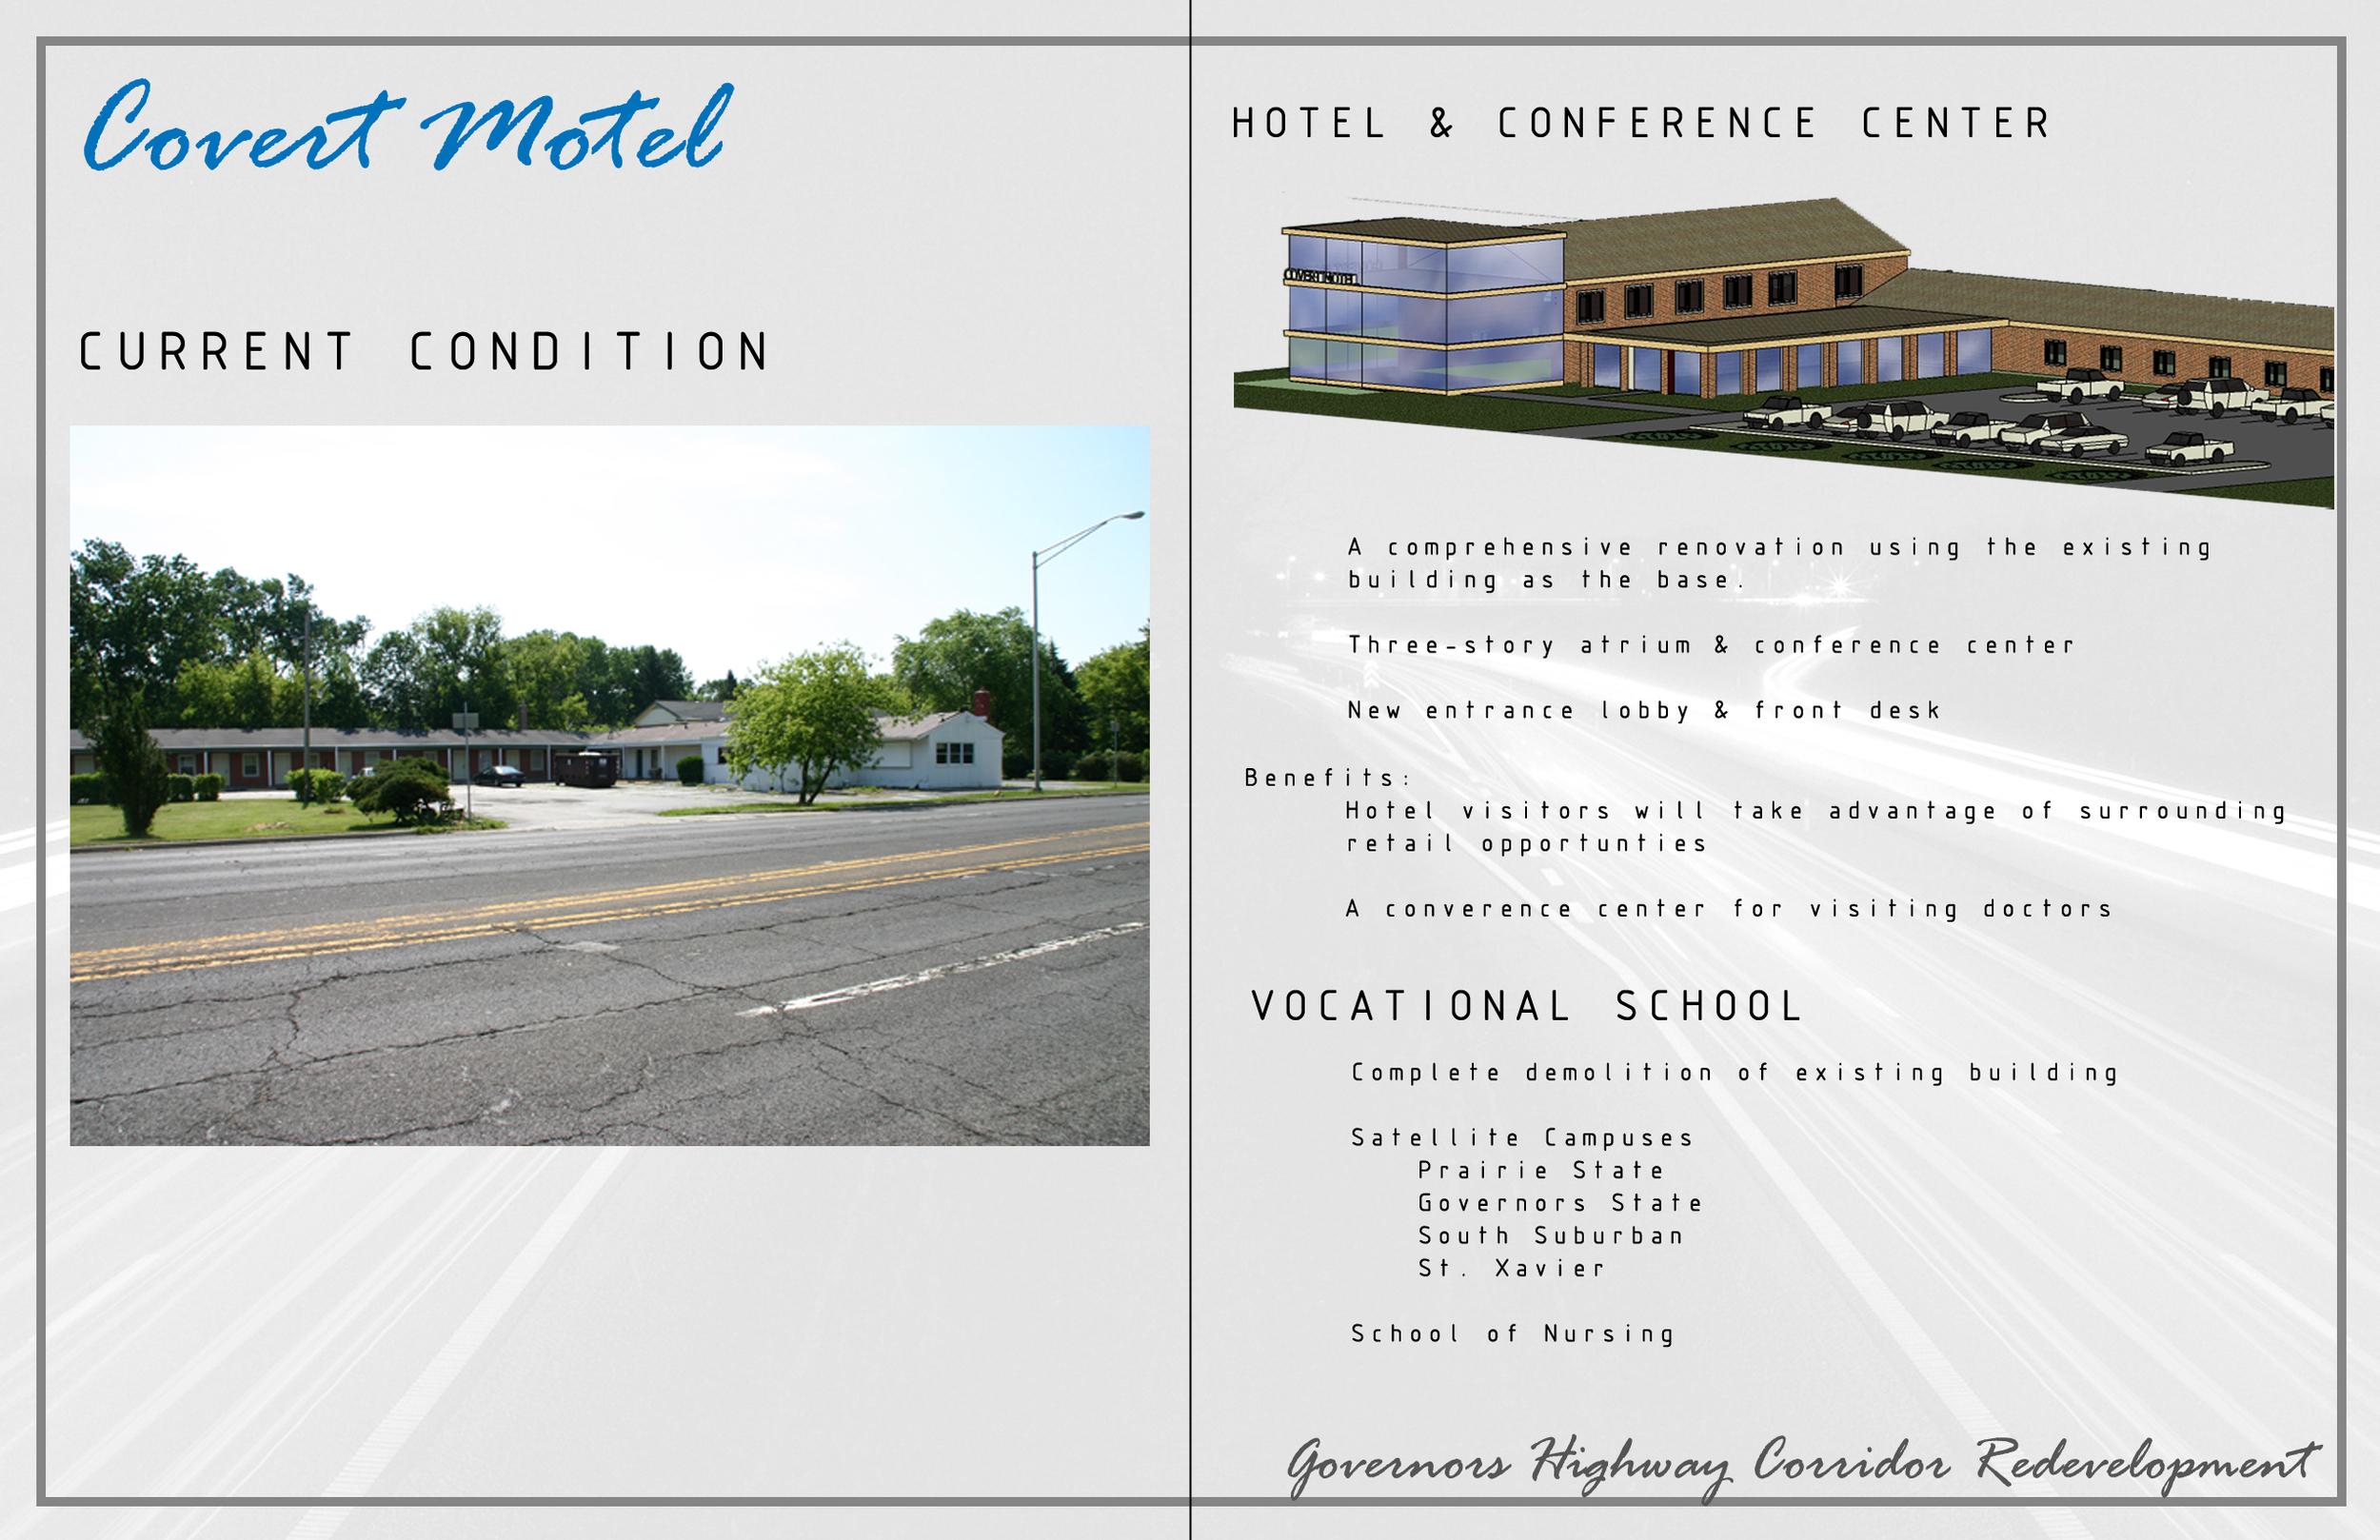 GovHwy_Covert Motel.jpg